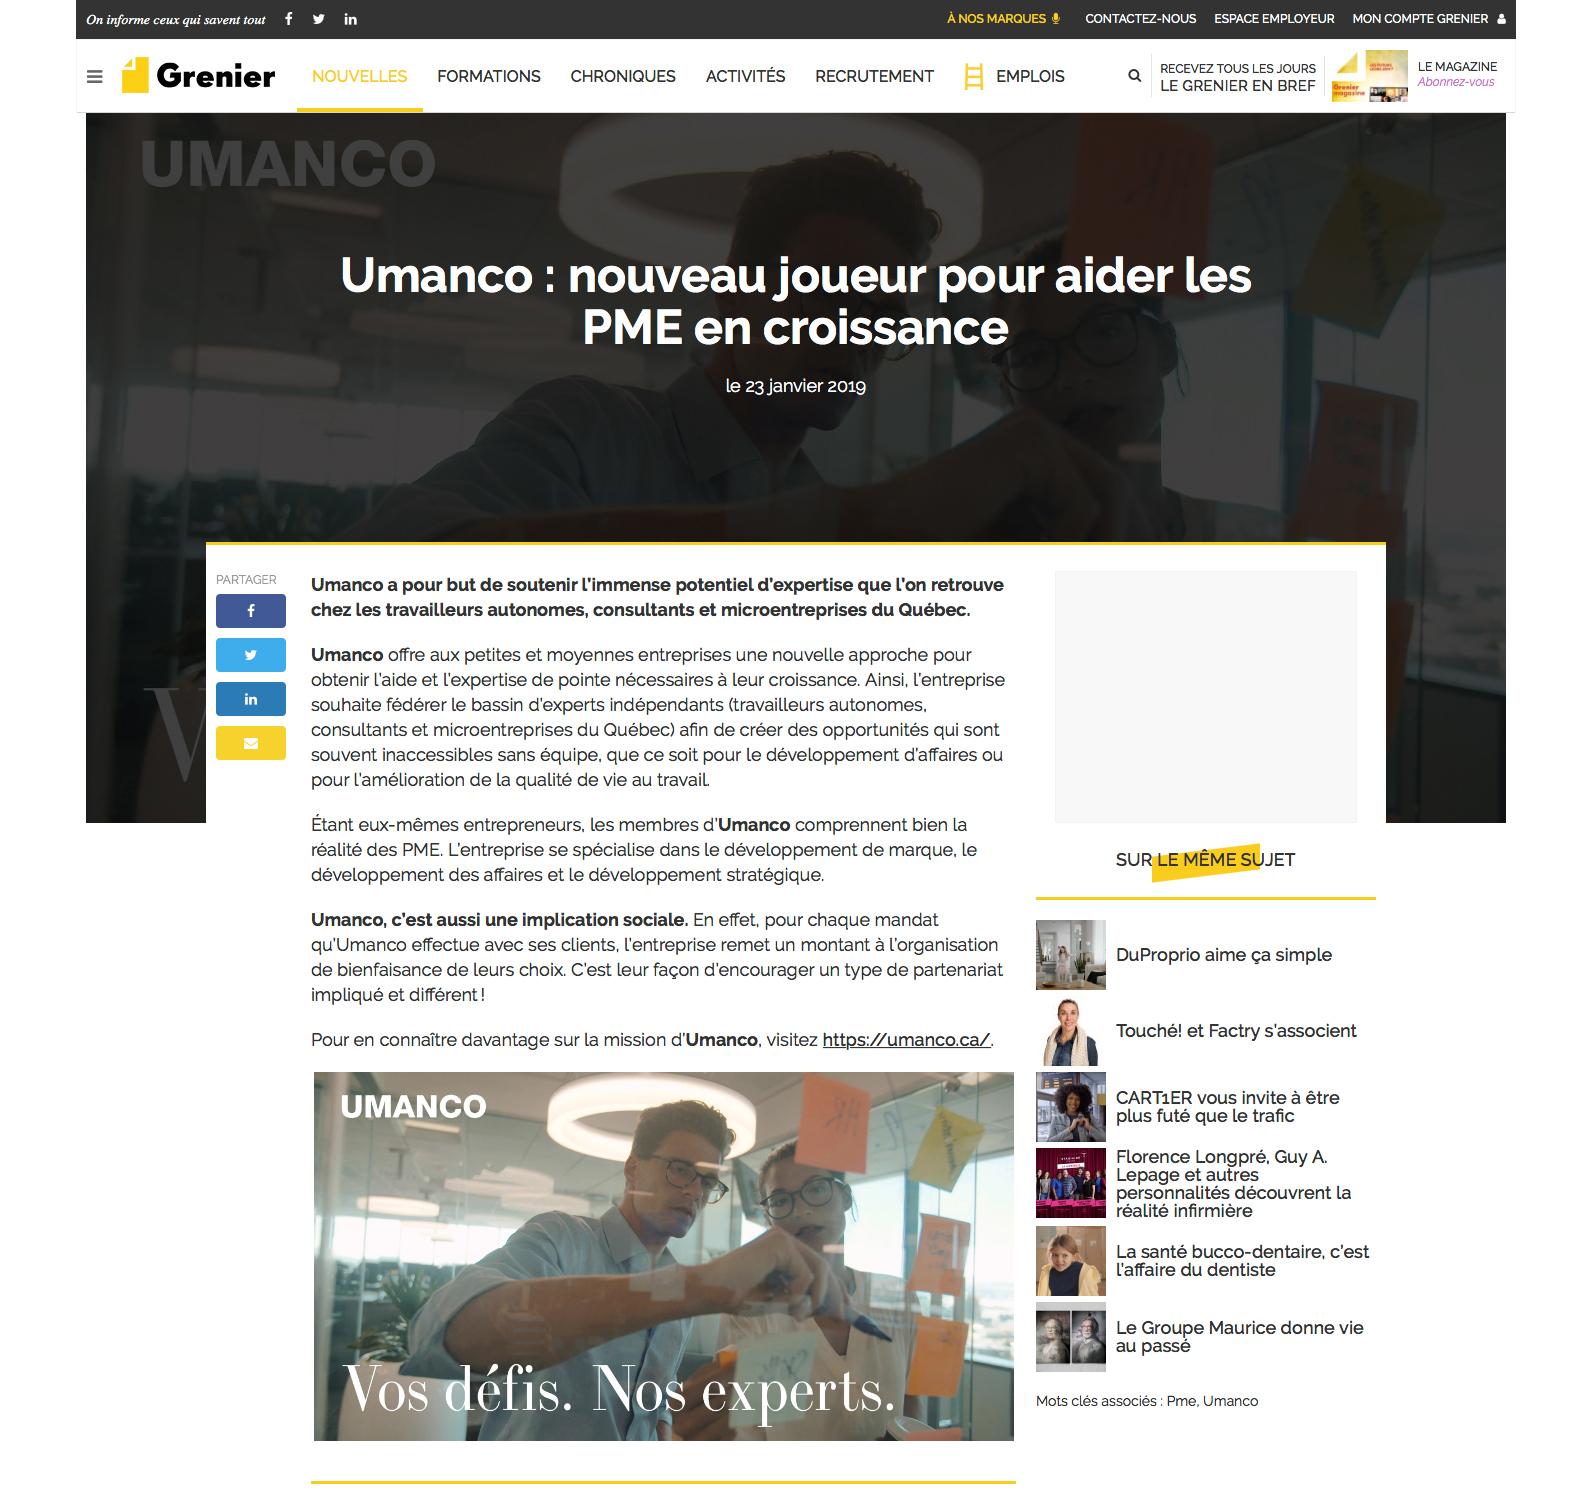 Obtenir ce fichier    Nouvelle en format PDF   Lien du Grenier aux nouvelles